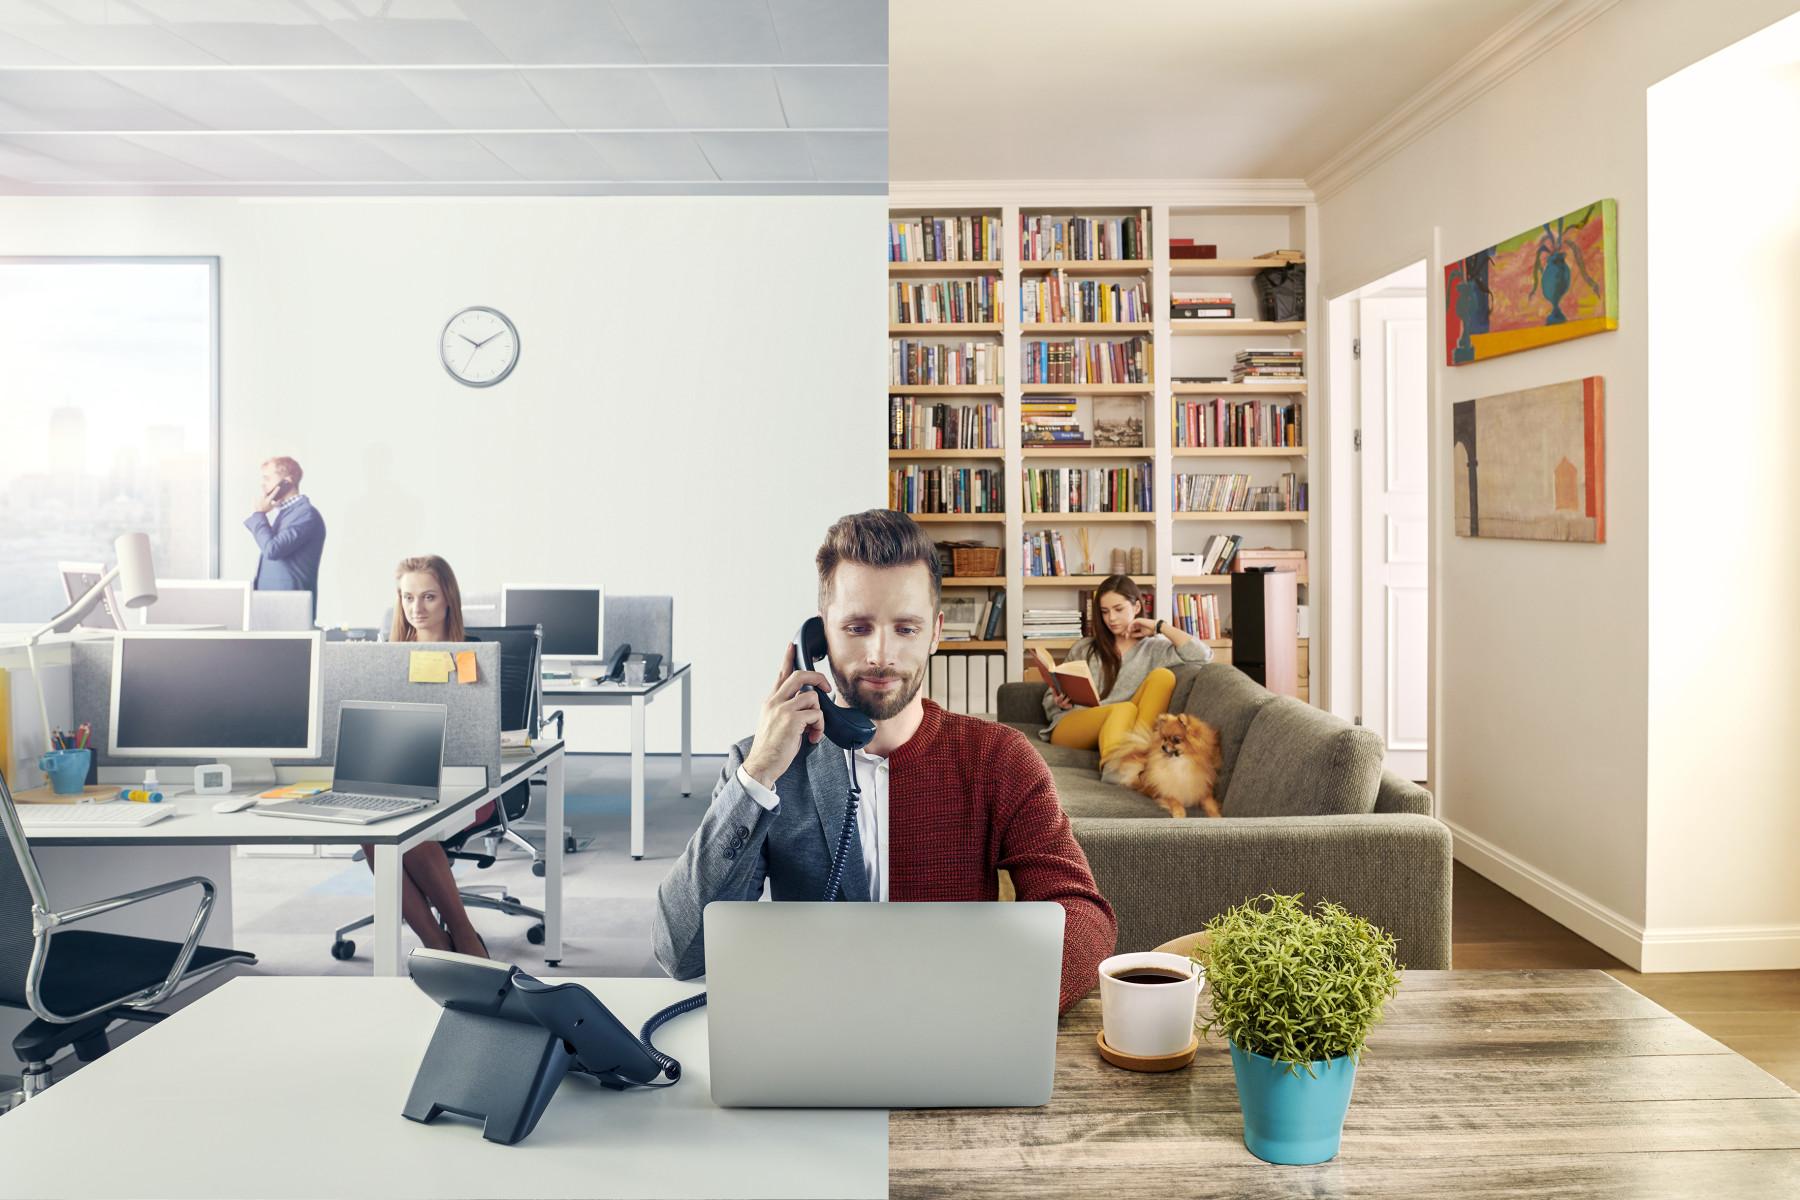 Работа удаленная или в офисе удалённая работа на дому оператором на телефоне отзывы